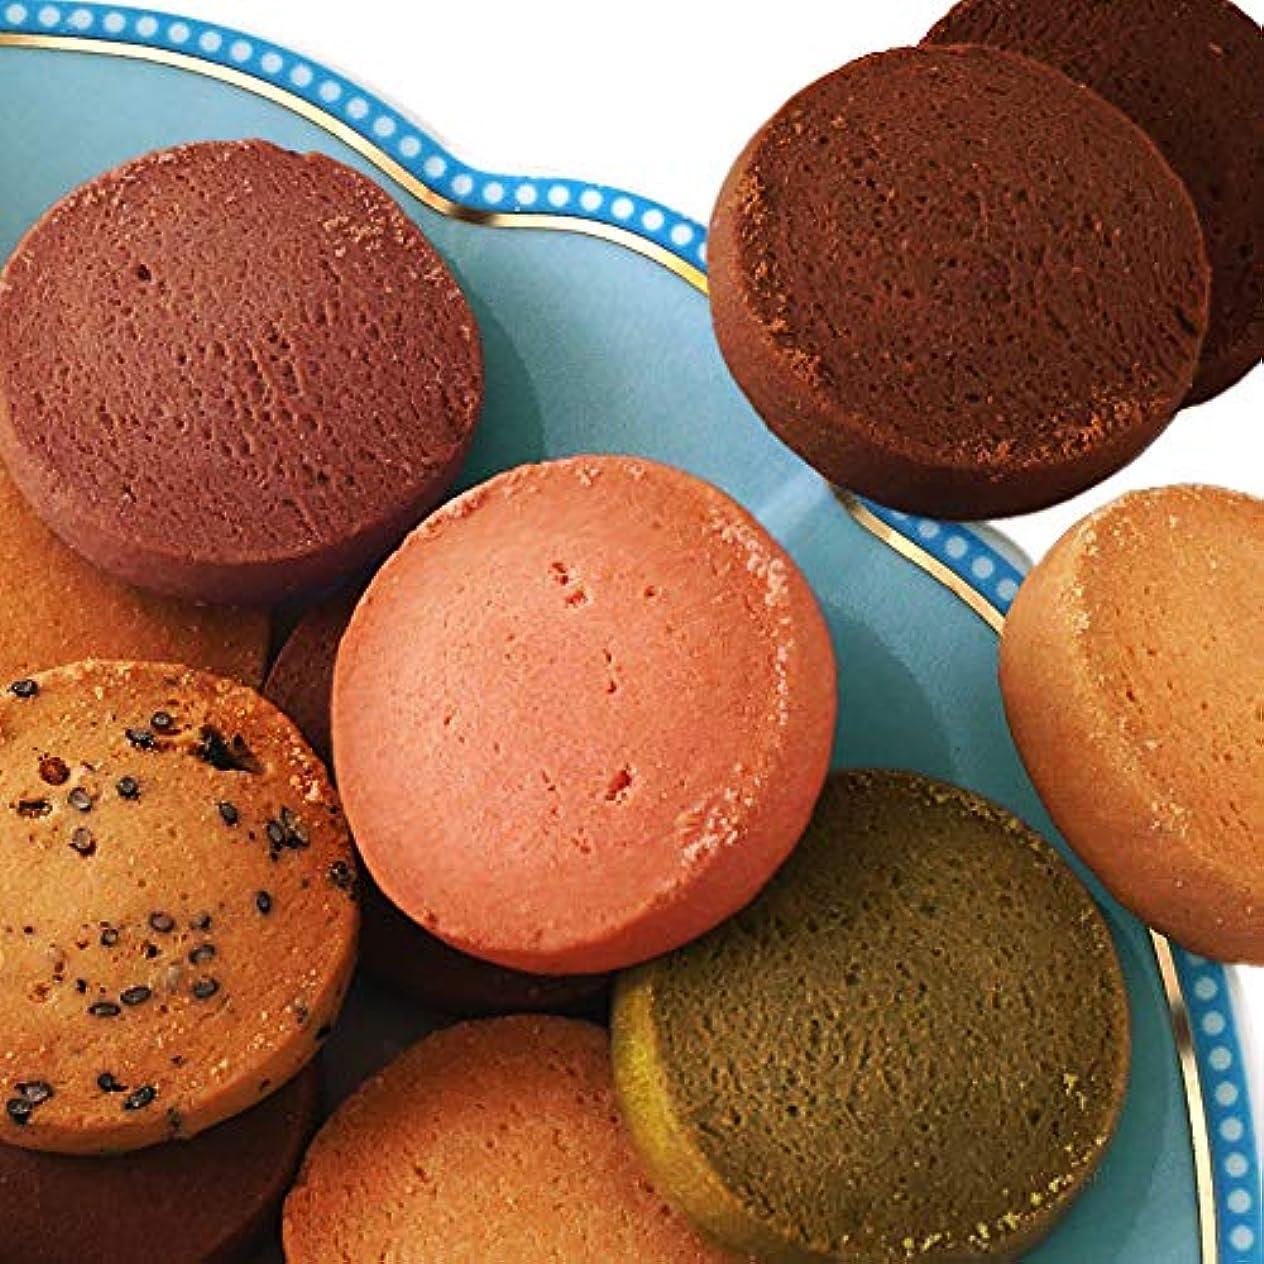 対話完全に乾くつかの間【ダイエット 1食分の個包装】 豆乳おからマンナンファイバークッキー TOKYO STYLE「洋菓子店 のテイスト」 18食 (6種×3袋)